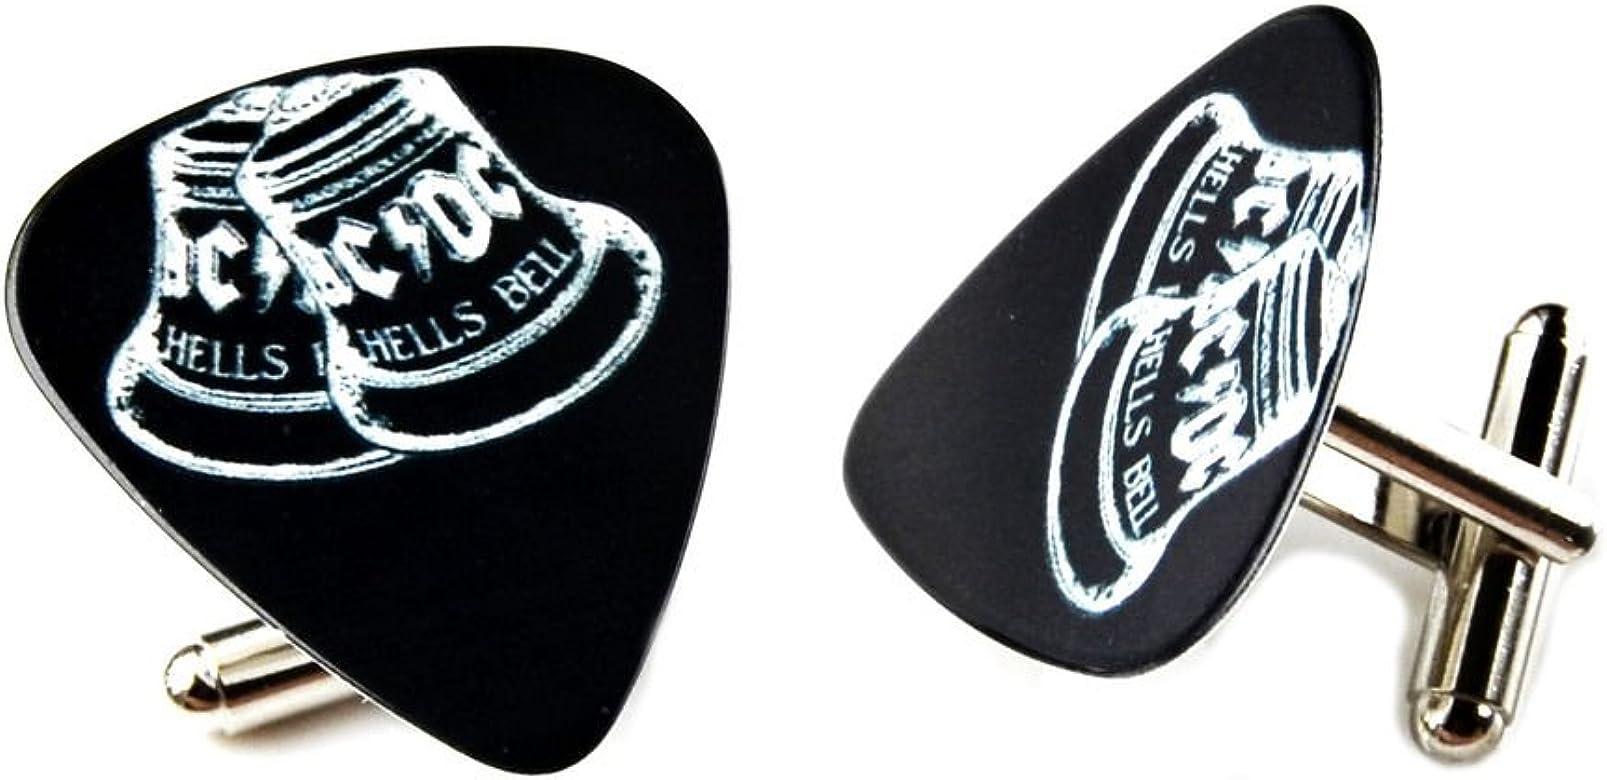 AC DC púa de guitarra Gemelos: Amazon.es: Joyería